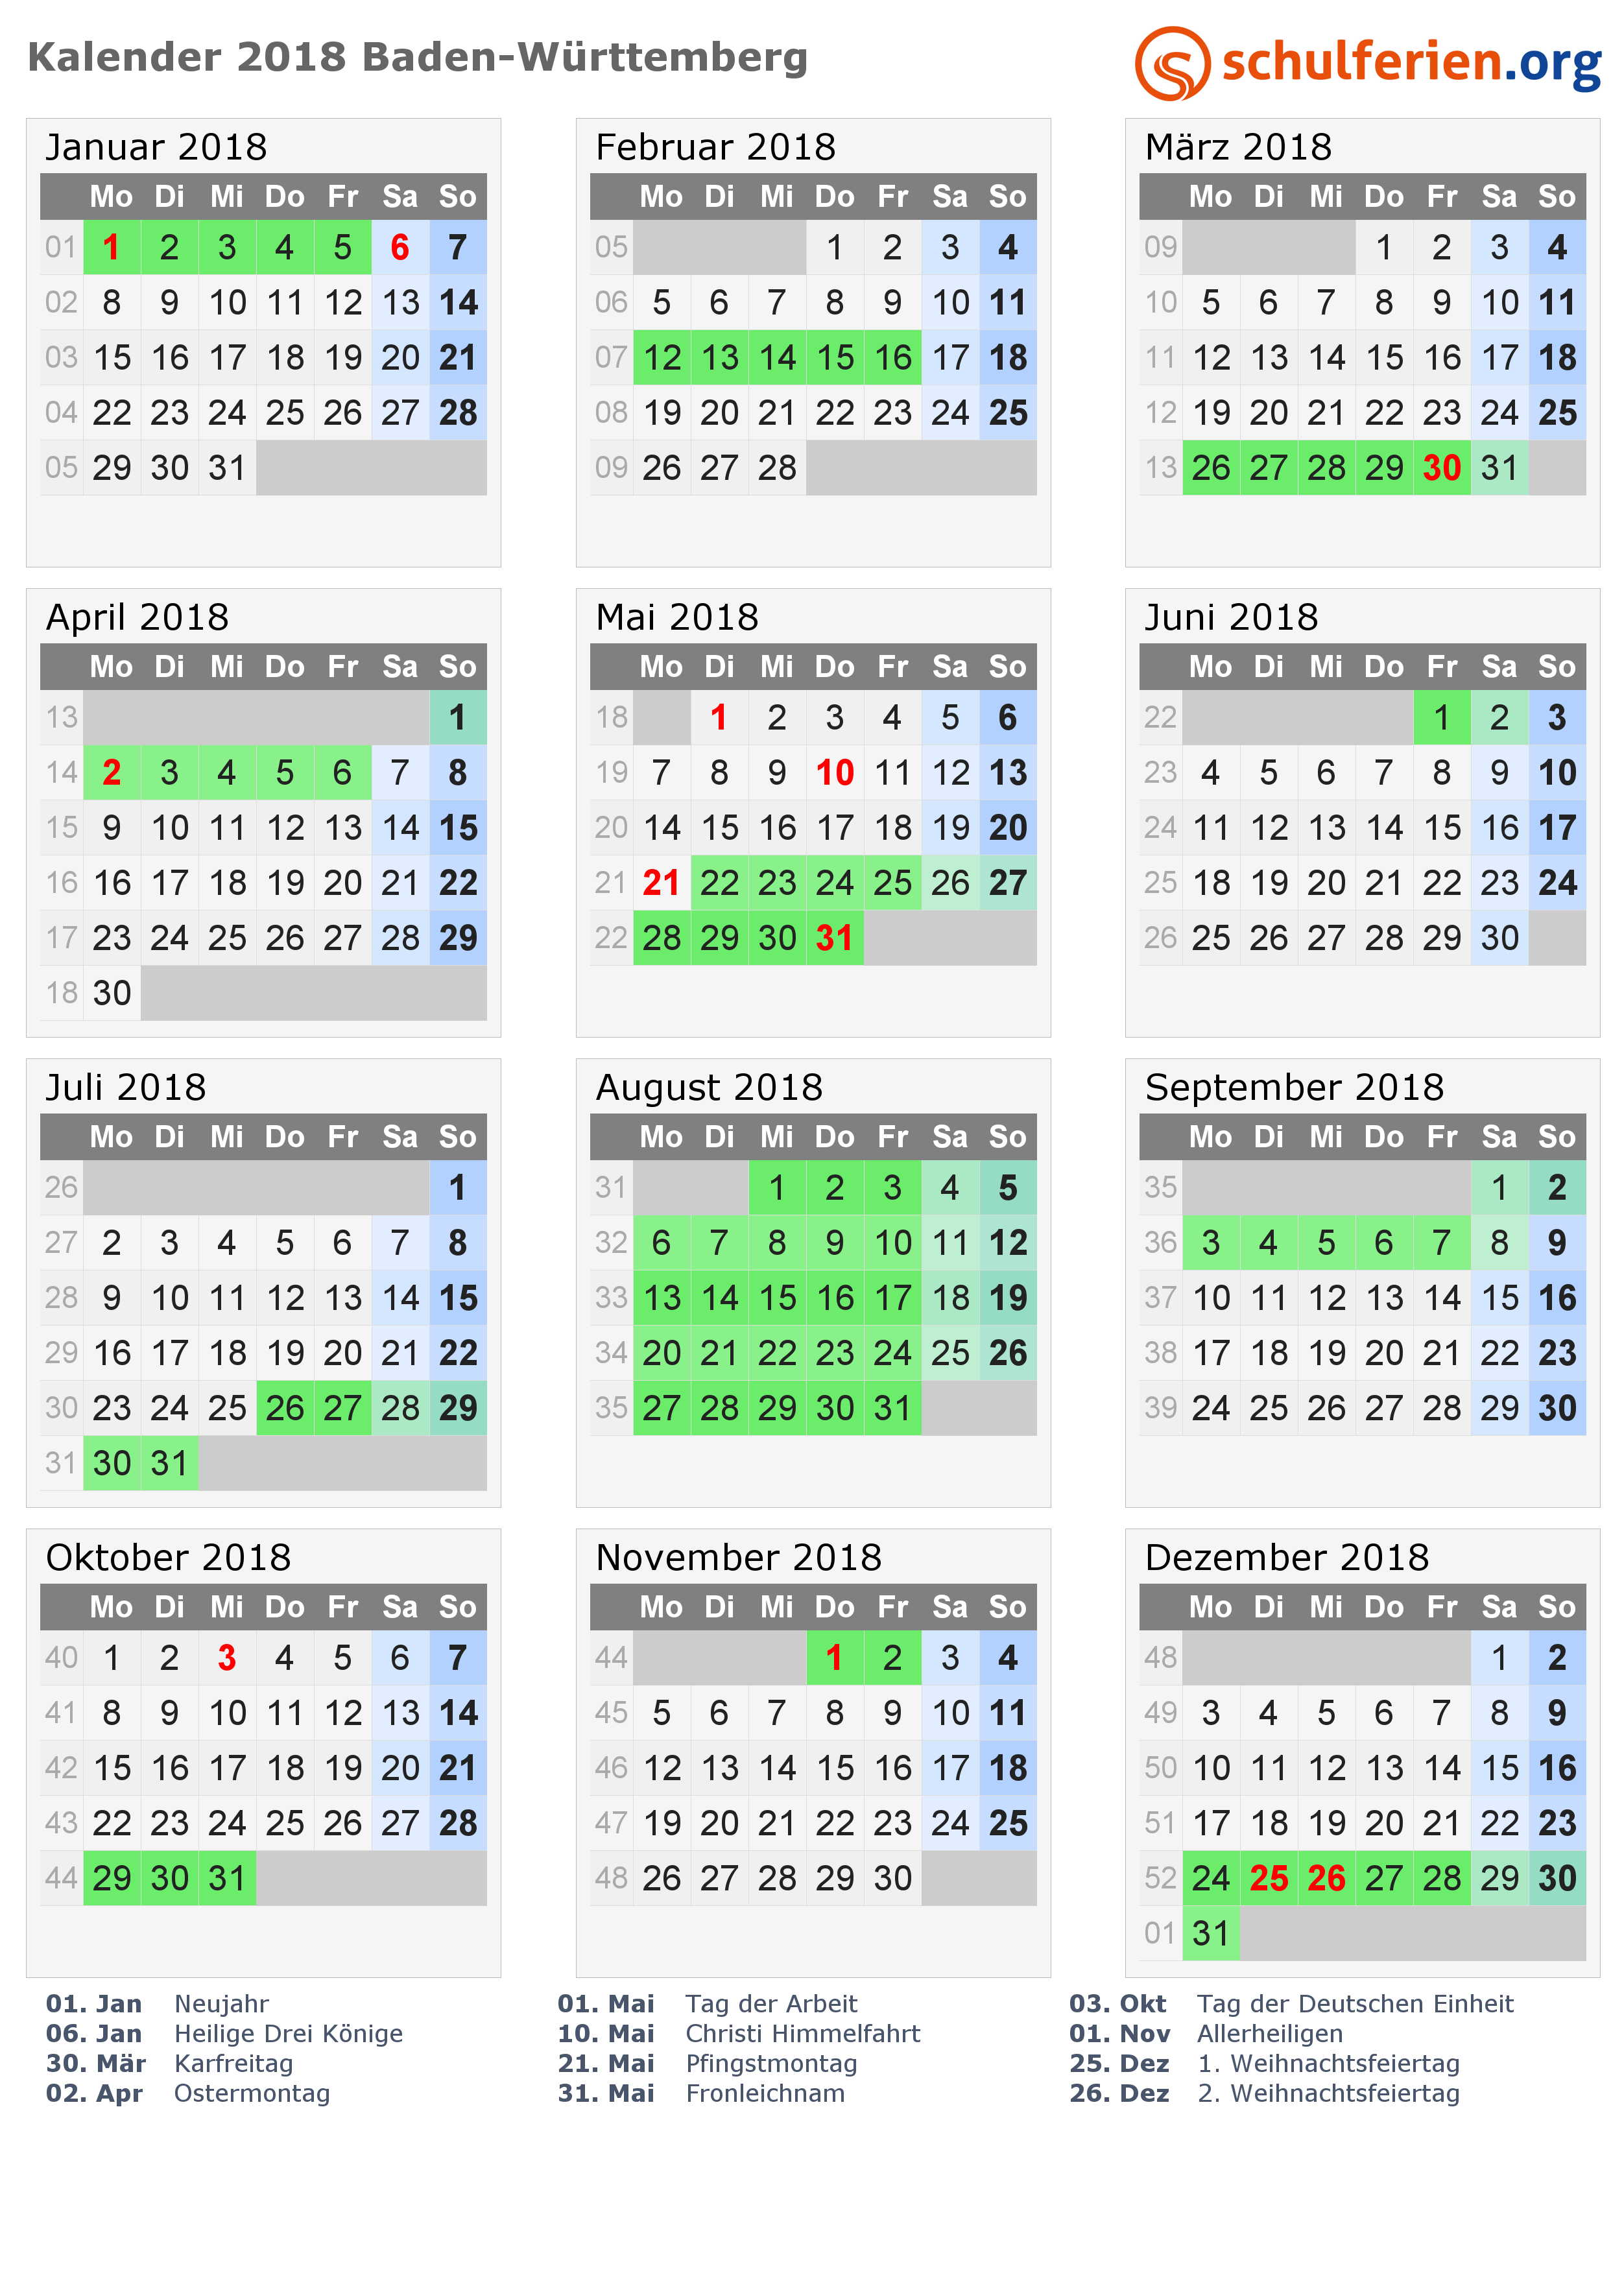 Ziemlich Leere Woche Kalendervorlage Galerie - Entry Level Resume ...